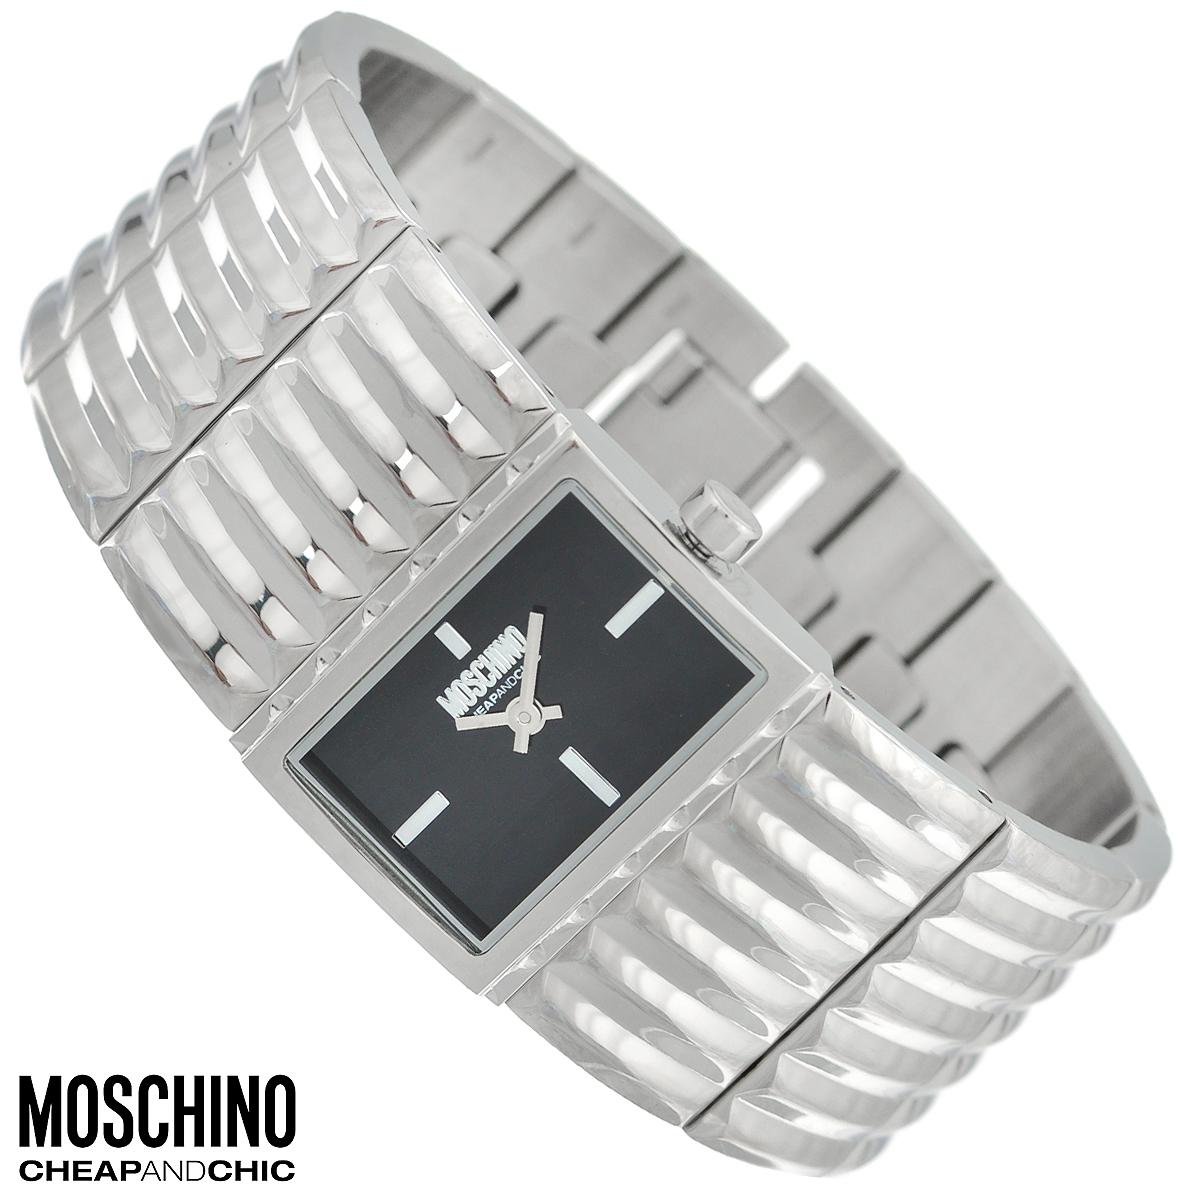 Часы женские наручные Moschino, цвет: серебристый. MW0364MW0364Наручные часы от известного итальянского бренда Moschino - это не только стильный и функциональный аксессуар, но и современные технологи, сочетающиеся с экстравагантным дизайном и индивидуальностью. Часы Moschino оснащены кварцевым механизмом. Корпус выполнен из высококачественной нержавеющей стали. Циферблат с отметками украшен логотипом бренда и защищен минеральным стеклом. Часы имеют две стрелки - часовую и минутную. Широкий браслет часов выполнен из нержавеющей стали и оснащен застежкой-клипсой. Часы упакованы в фирменную металлическую коробку с логотипом бренда. Часы Moschino благодаря своему уникальному дизайну отличаются от часов других марок своеобразными циферблатами, функциональностью, а также набором уникальных технических свойств. Каждой модели присуща легкая экстравагантность, самобытность и, безусловно, великолепный вкус. Характеристики: Размер циферблата: 2,3 см х 1,5 см. Размер корпуса: 2,8 см х 2 см х 0,7...